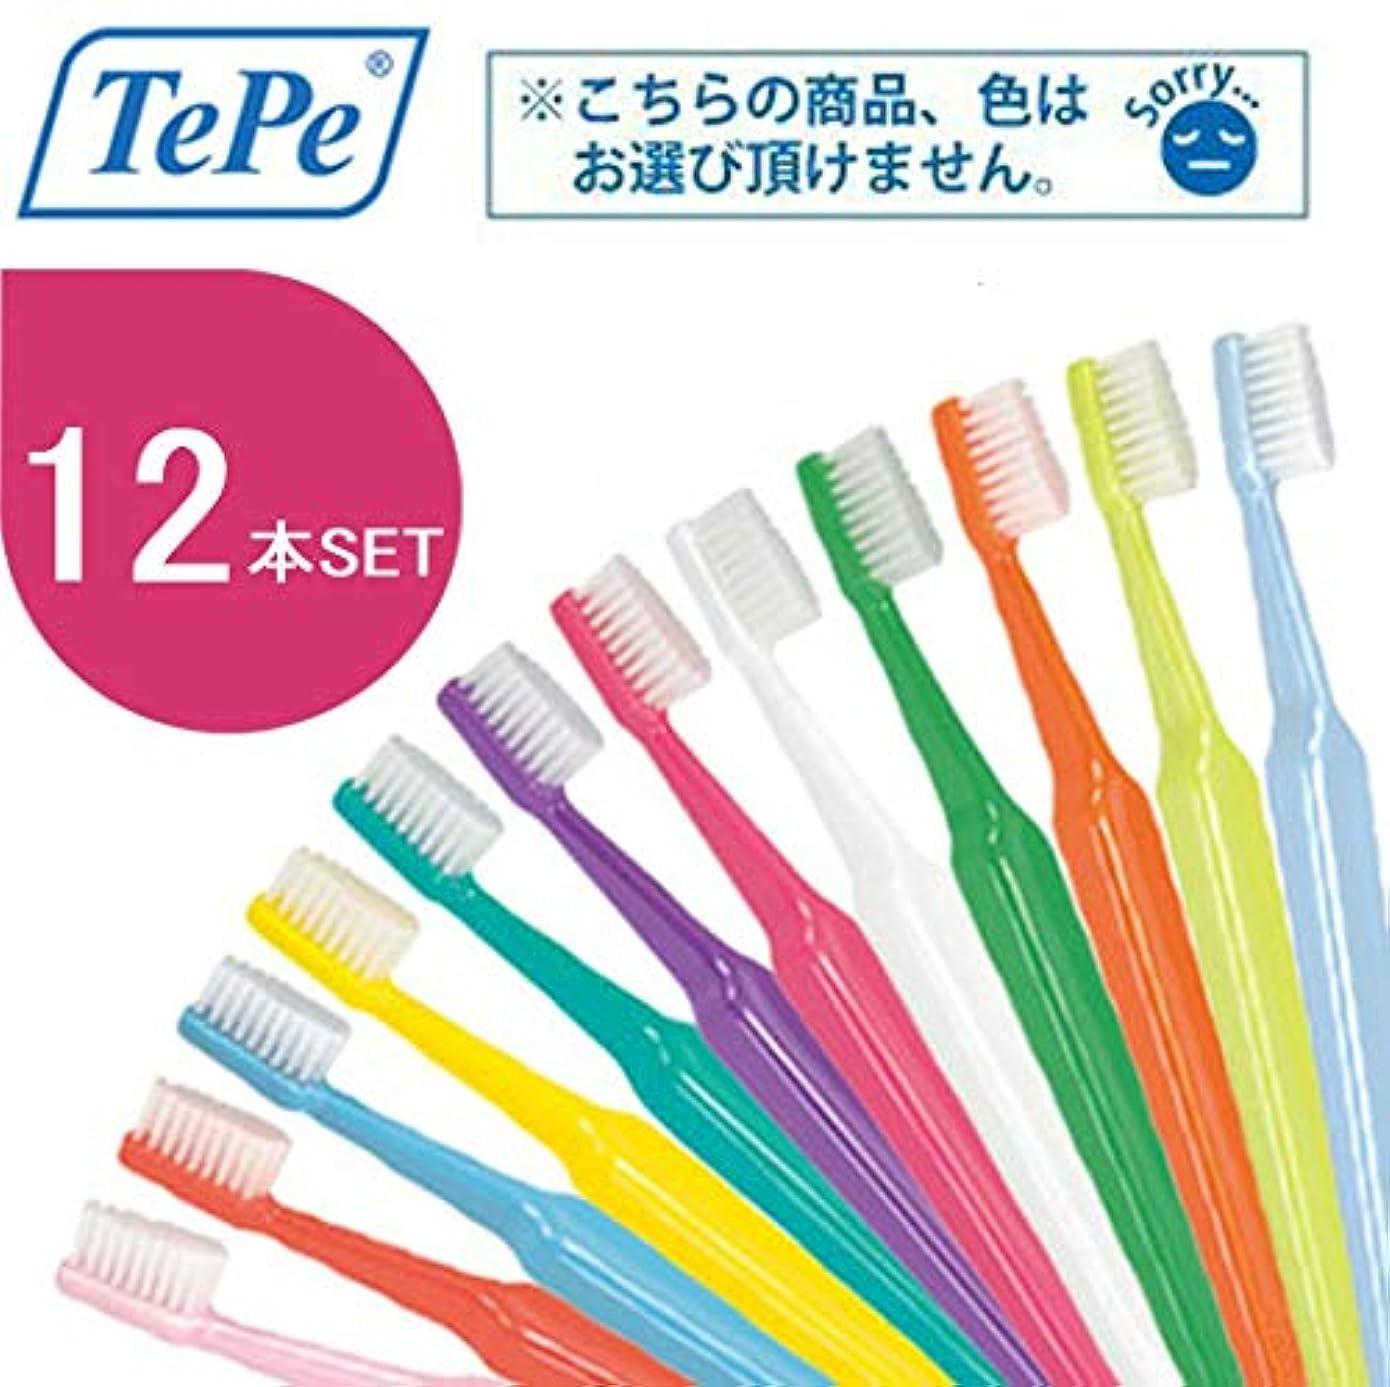 トラック端末洞察力のあるクロスフィールド TePe テペ セレクト 歯ブラシ 12本 (エクストラソフト)